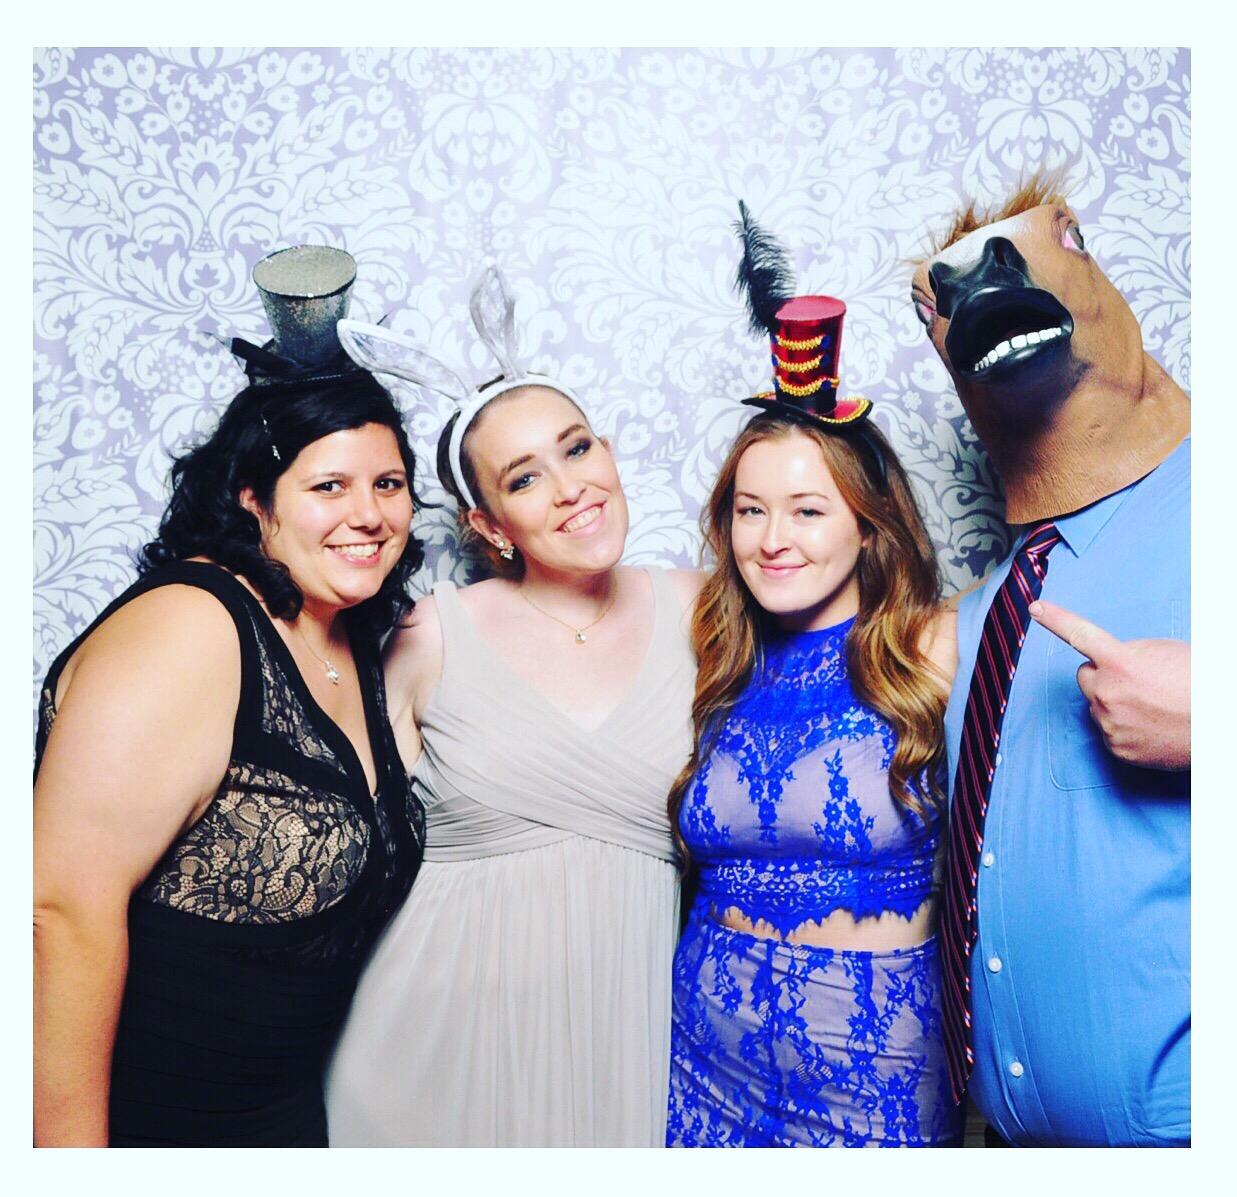 Phototobooth en location pour votre mariage